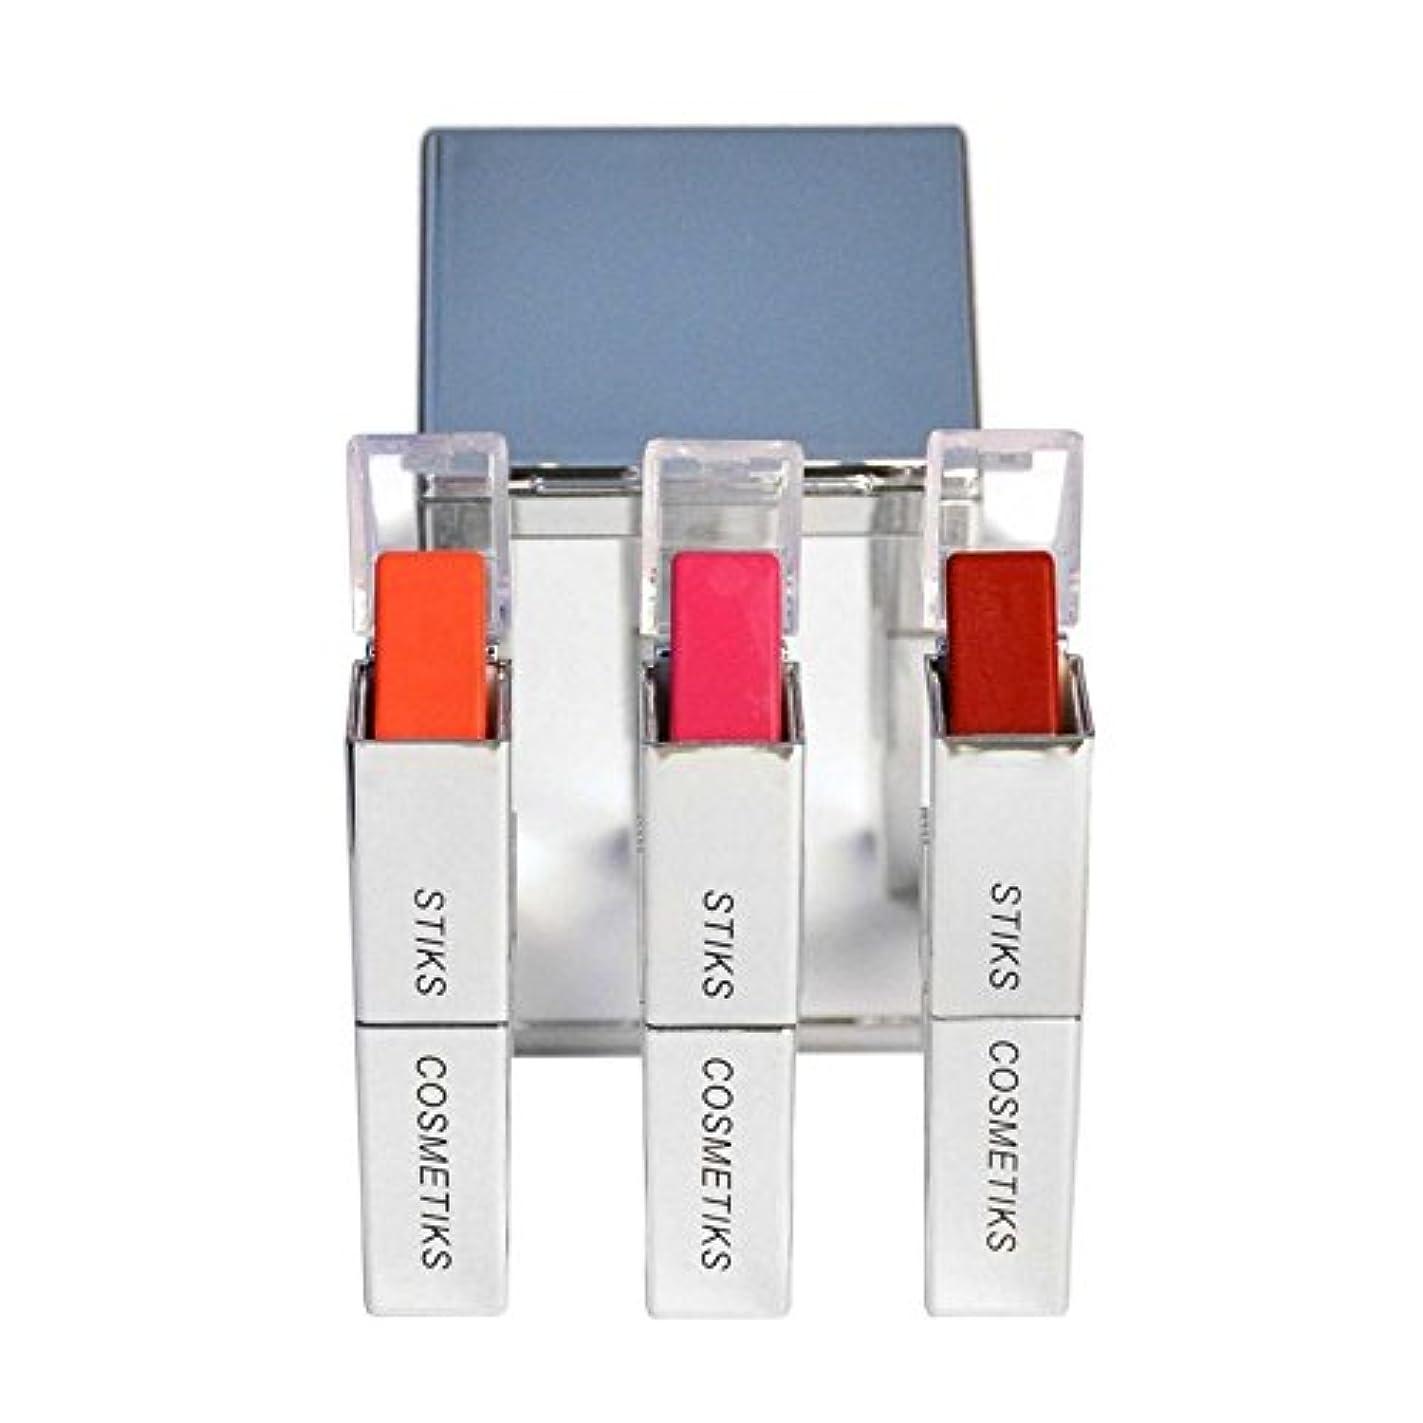 宇宙飛行士矛盾のホストコレクション - フロントとセンター x2 - STIKS Cosmetiks Collection - Front and Center (Pack of 2) [並行輸入品]